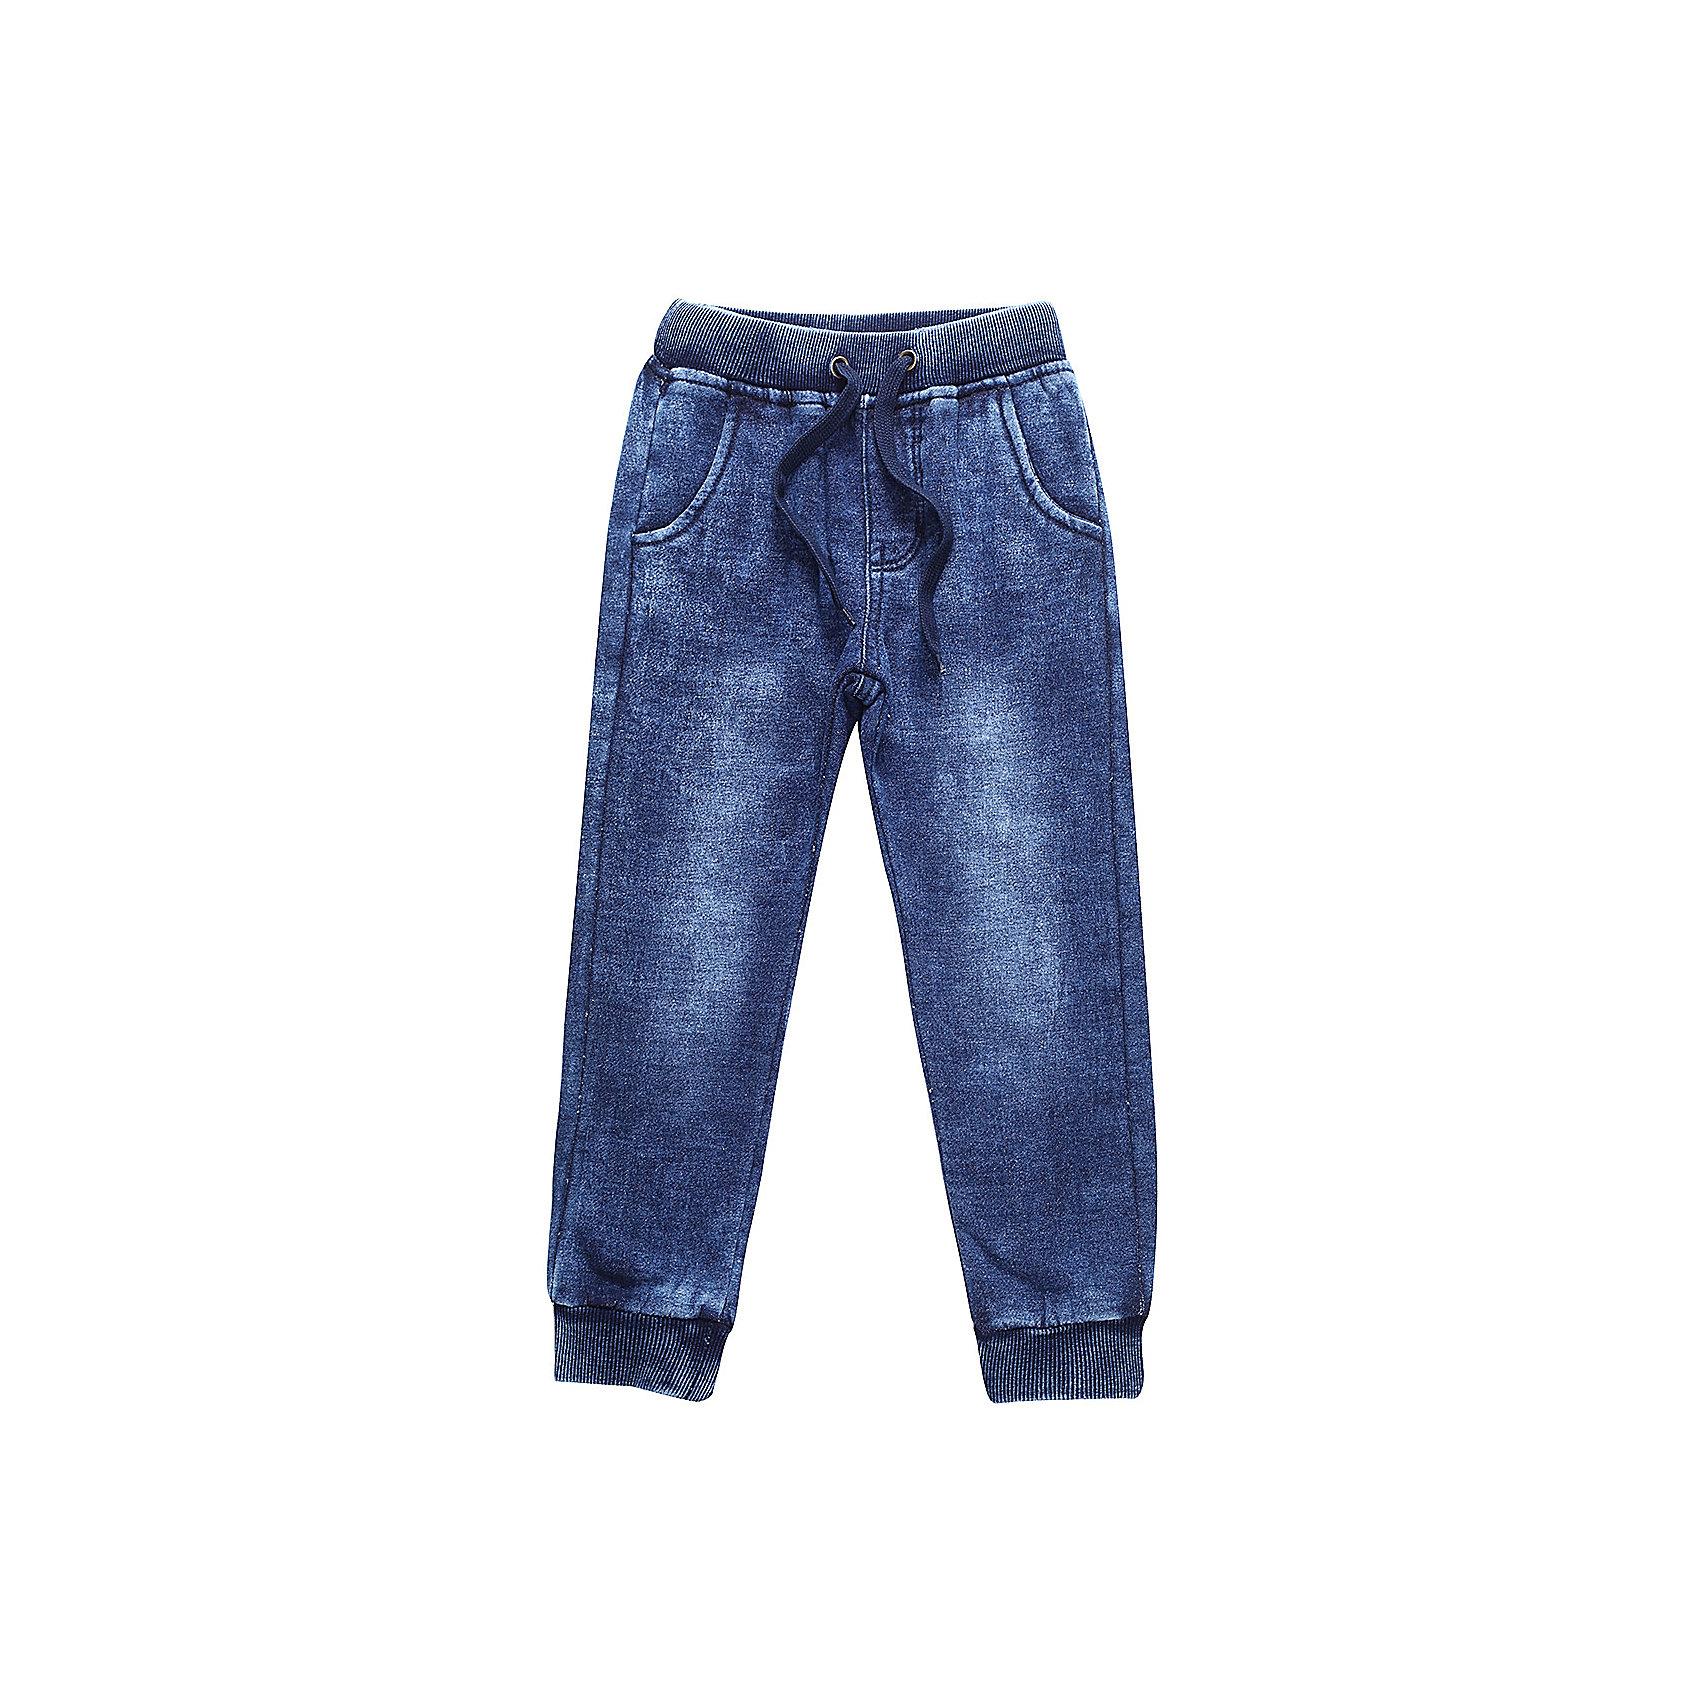 Брюки Sweet Berry для мальчикаДжинсы<br>Брюки Sweet Berry для мальчика<br>Трикотажные брюки для мальчика темно-синего цвета декорированные оригинальной варкой под джинсу, низ брючин собран на мягкие манжеты. Пояс-резинка дополнен шнуром для регулирования объема по талии.<br>Состав:<br>98% хлопок, 2% спандекс<br><br>Ширина мм: 215<br>Глубина мм: 88<br>Высота мм: 191<br>Вес г: 336<br>Цвет: синий<br>Возраст от месяцев: 84<br>Возраст до месяцев: 96<br>Пол: Мужской<br>Возраст: Детский<br>Размер: 128,98,104,110,116,122<br>SKU: 7094840